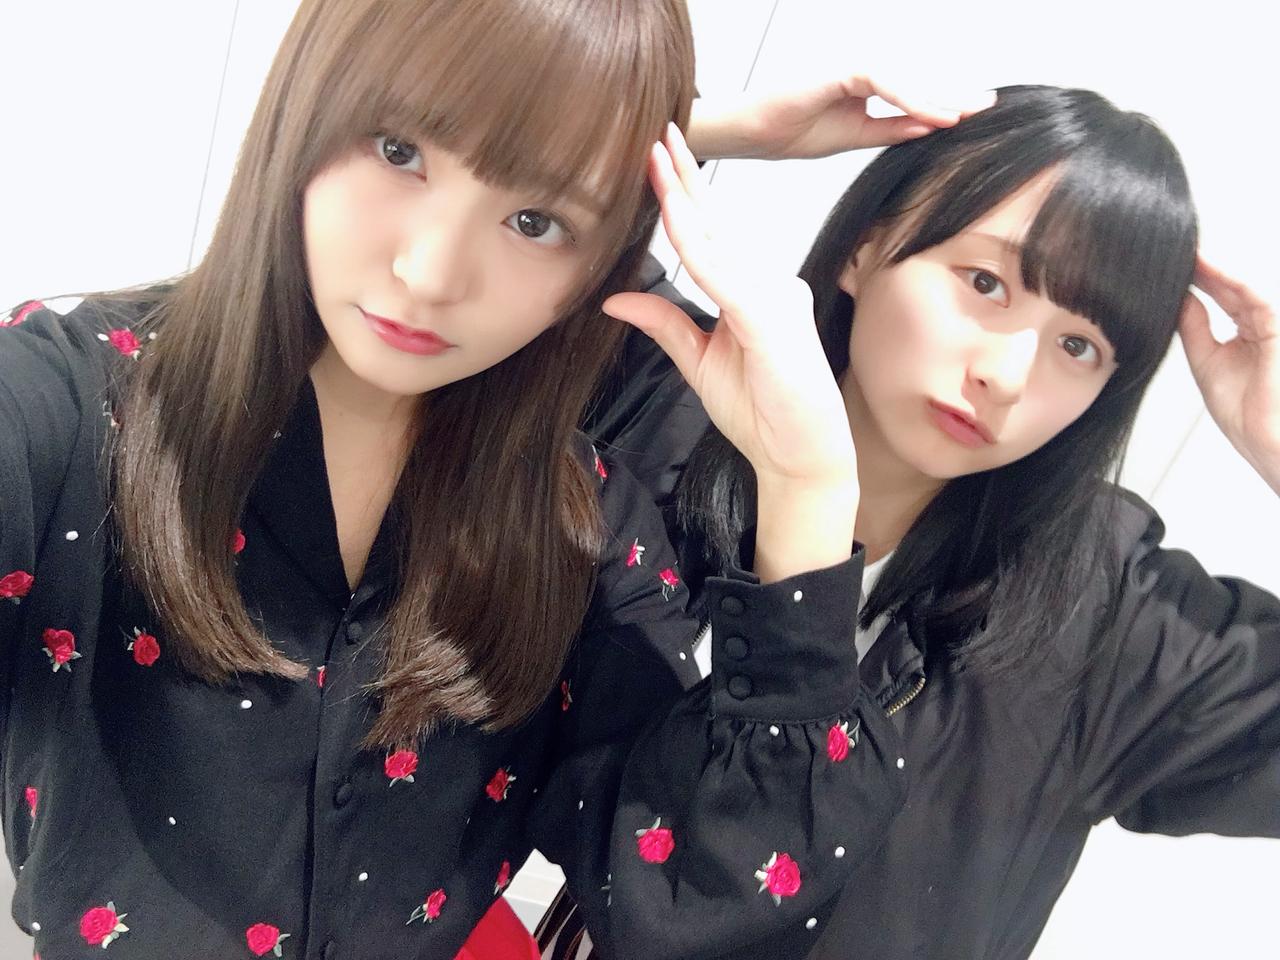 高瀬愛奈さんの「おかえり〜⚽」